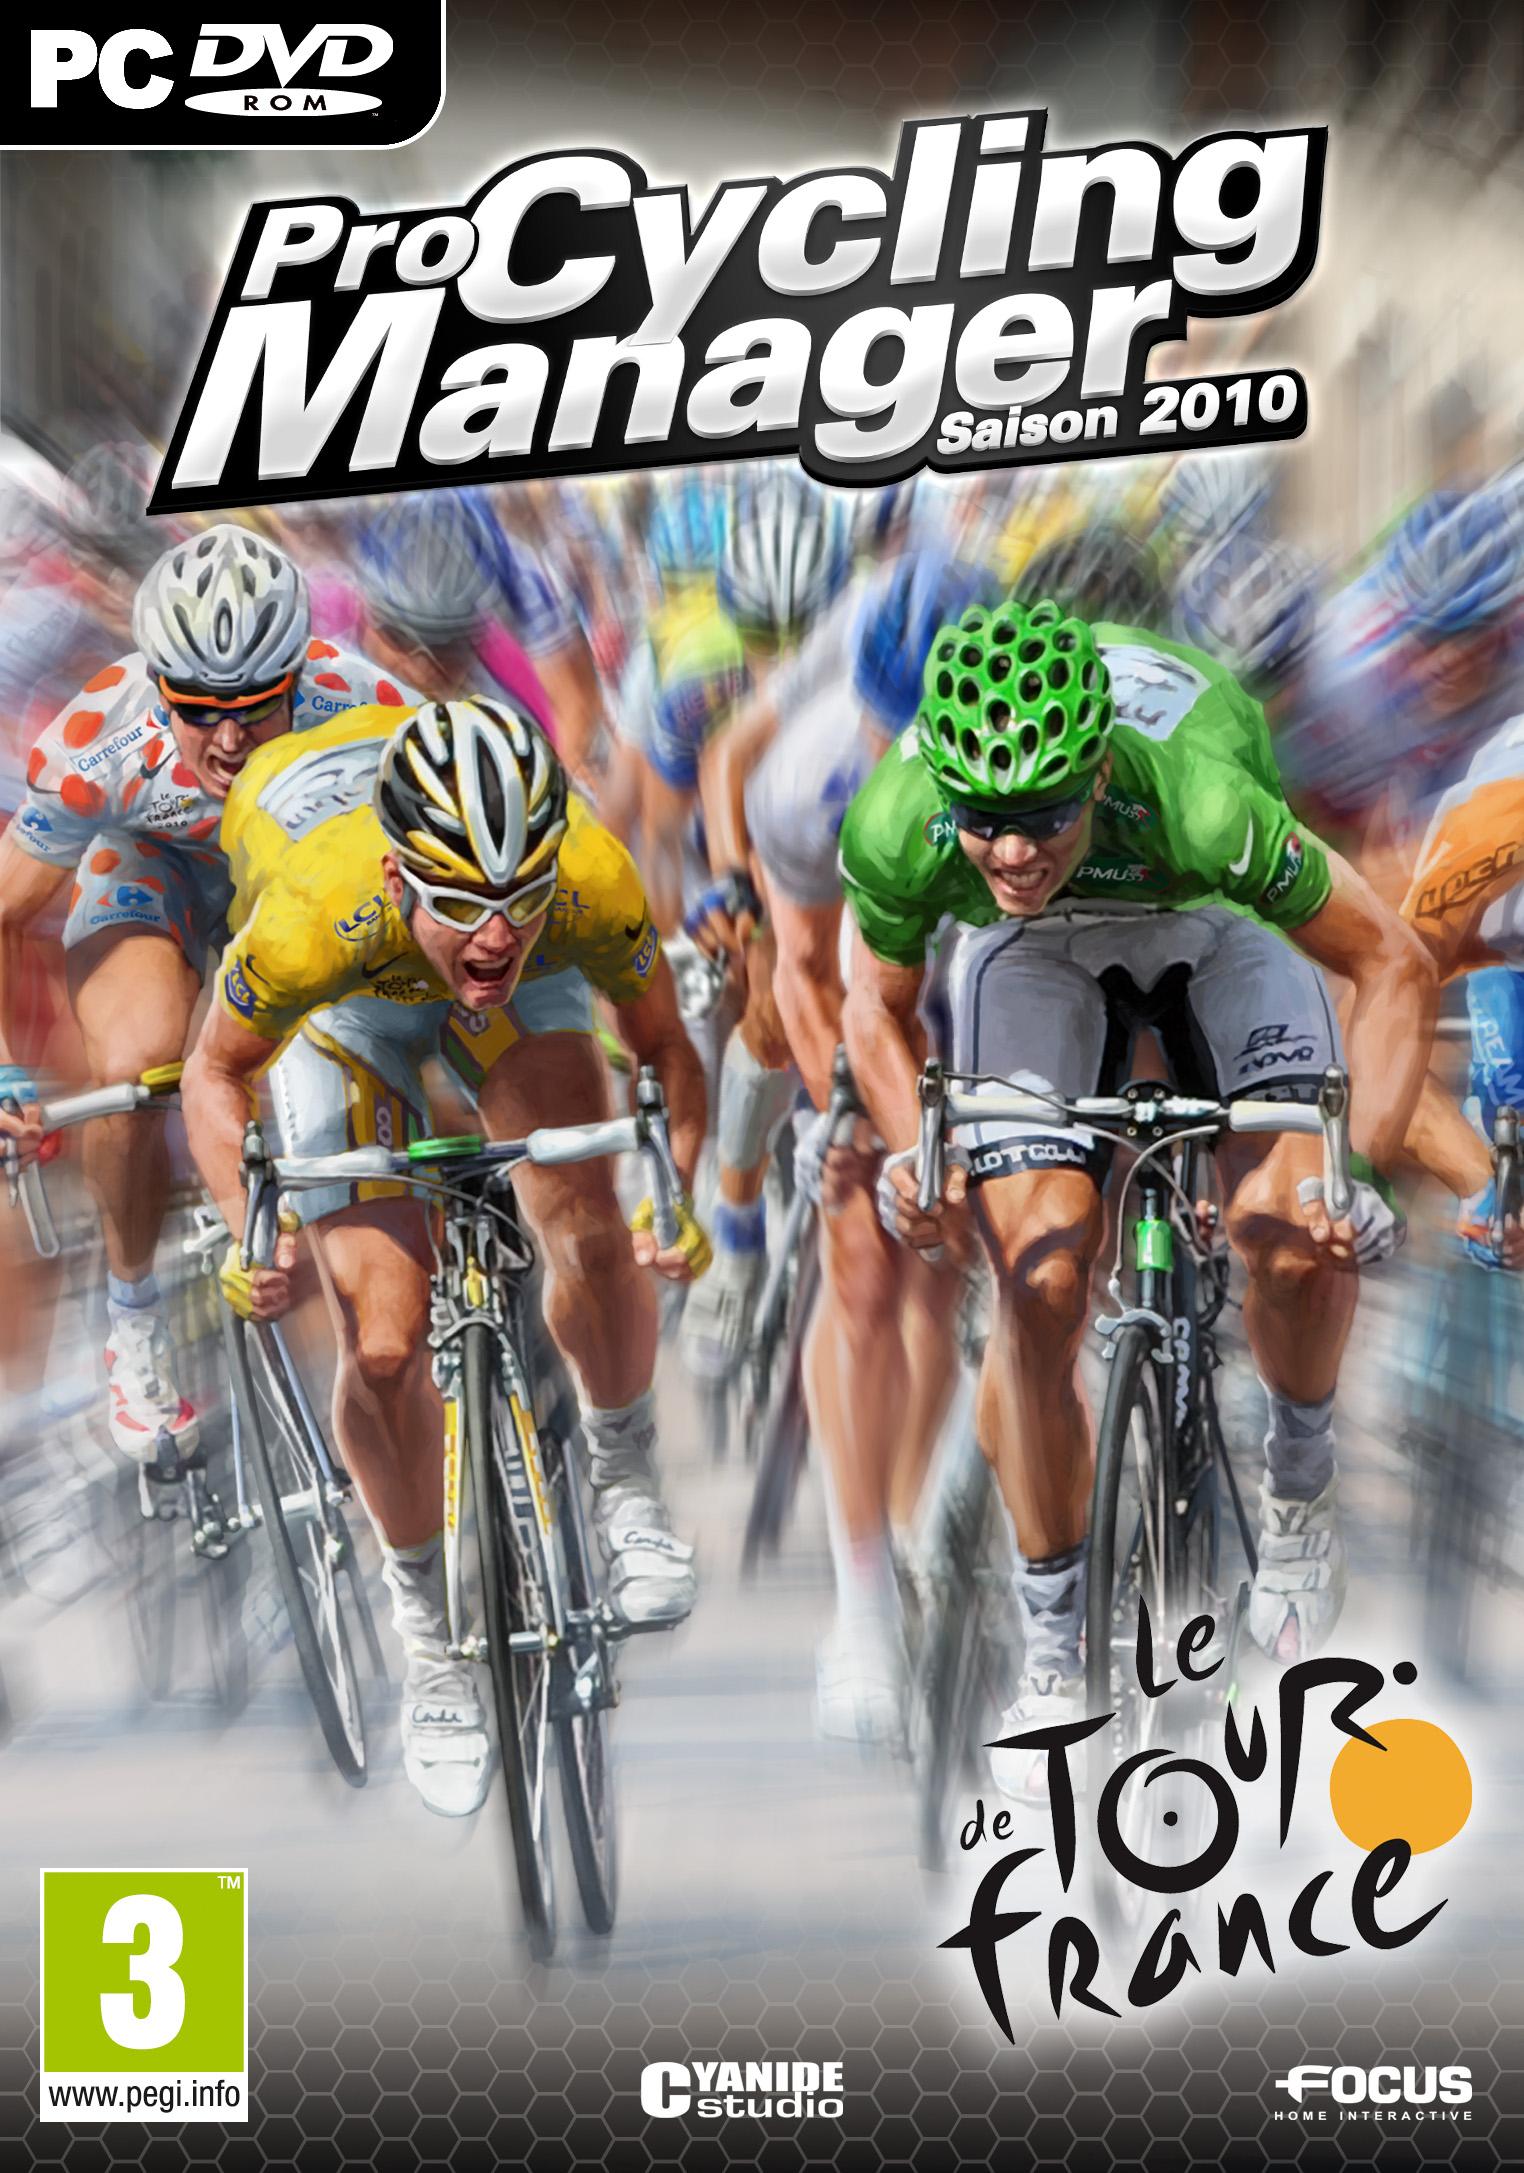 Pro Cycling Manager Saison 2010 : Le Tour de France